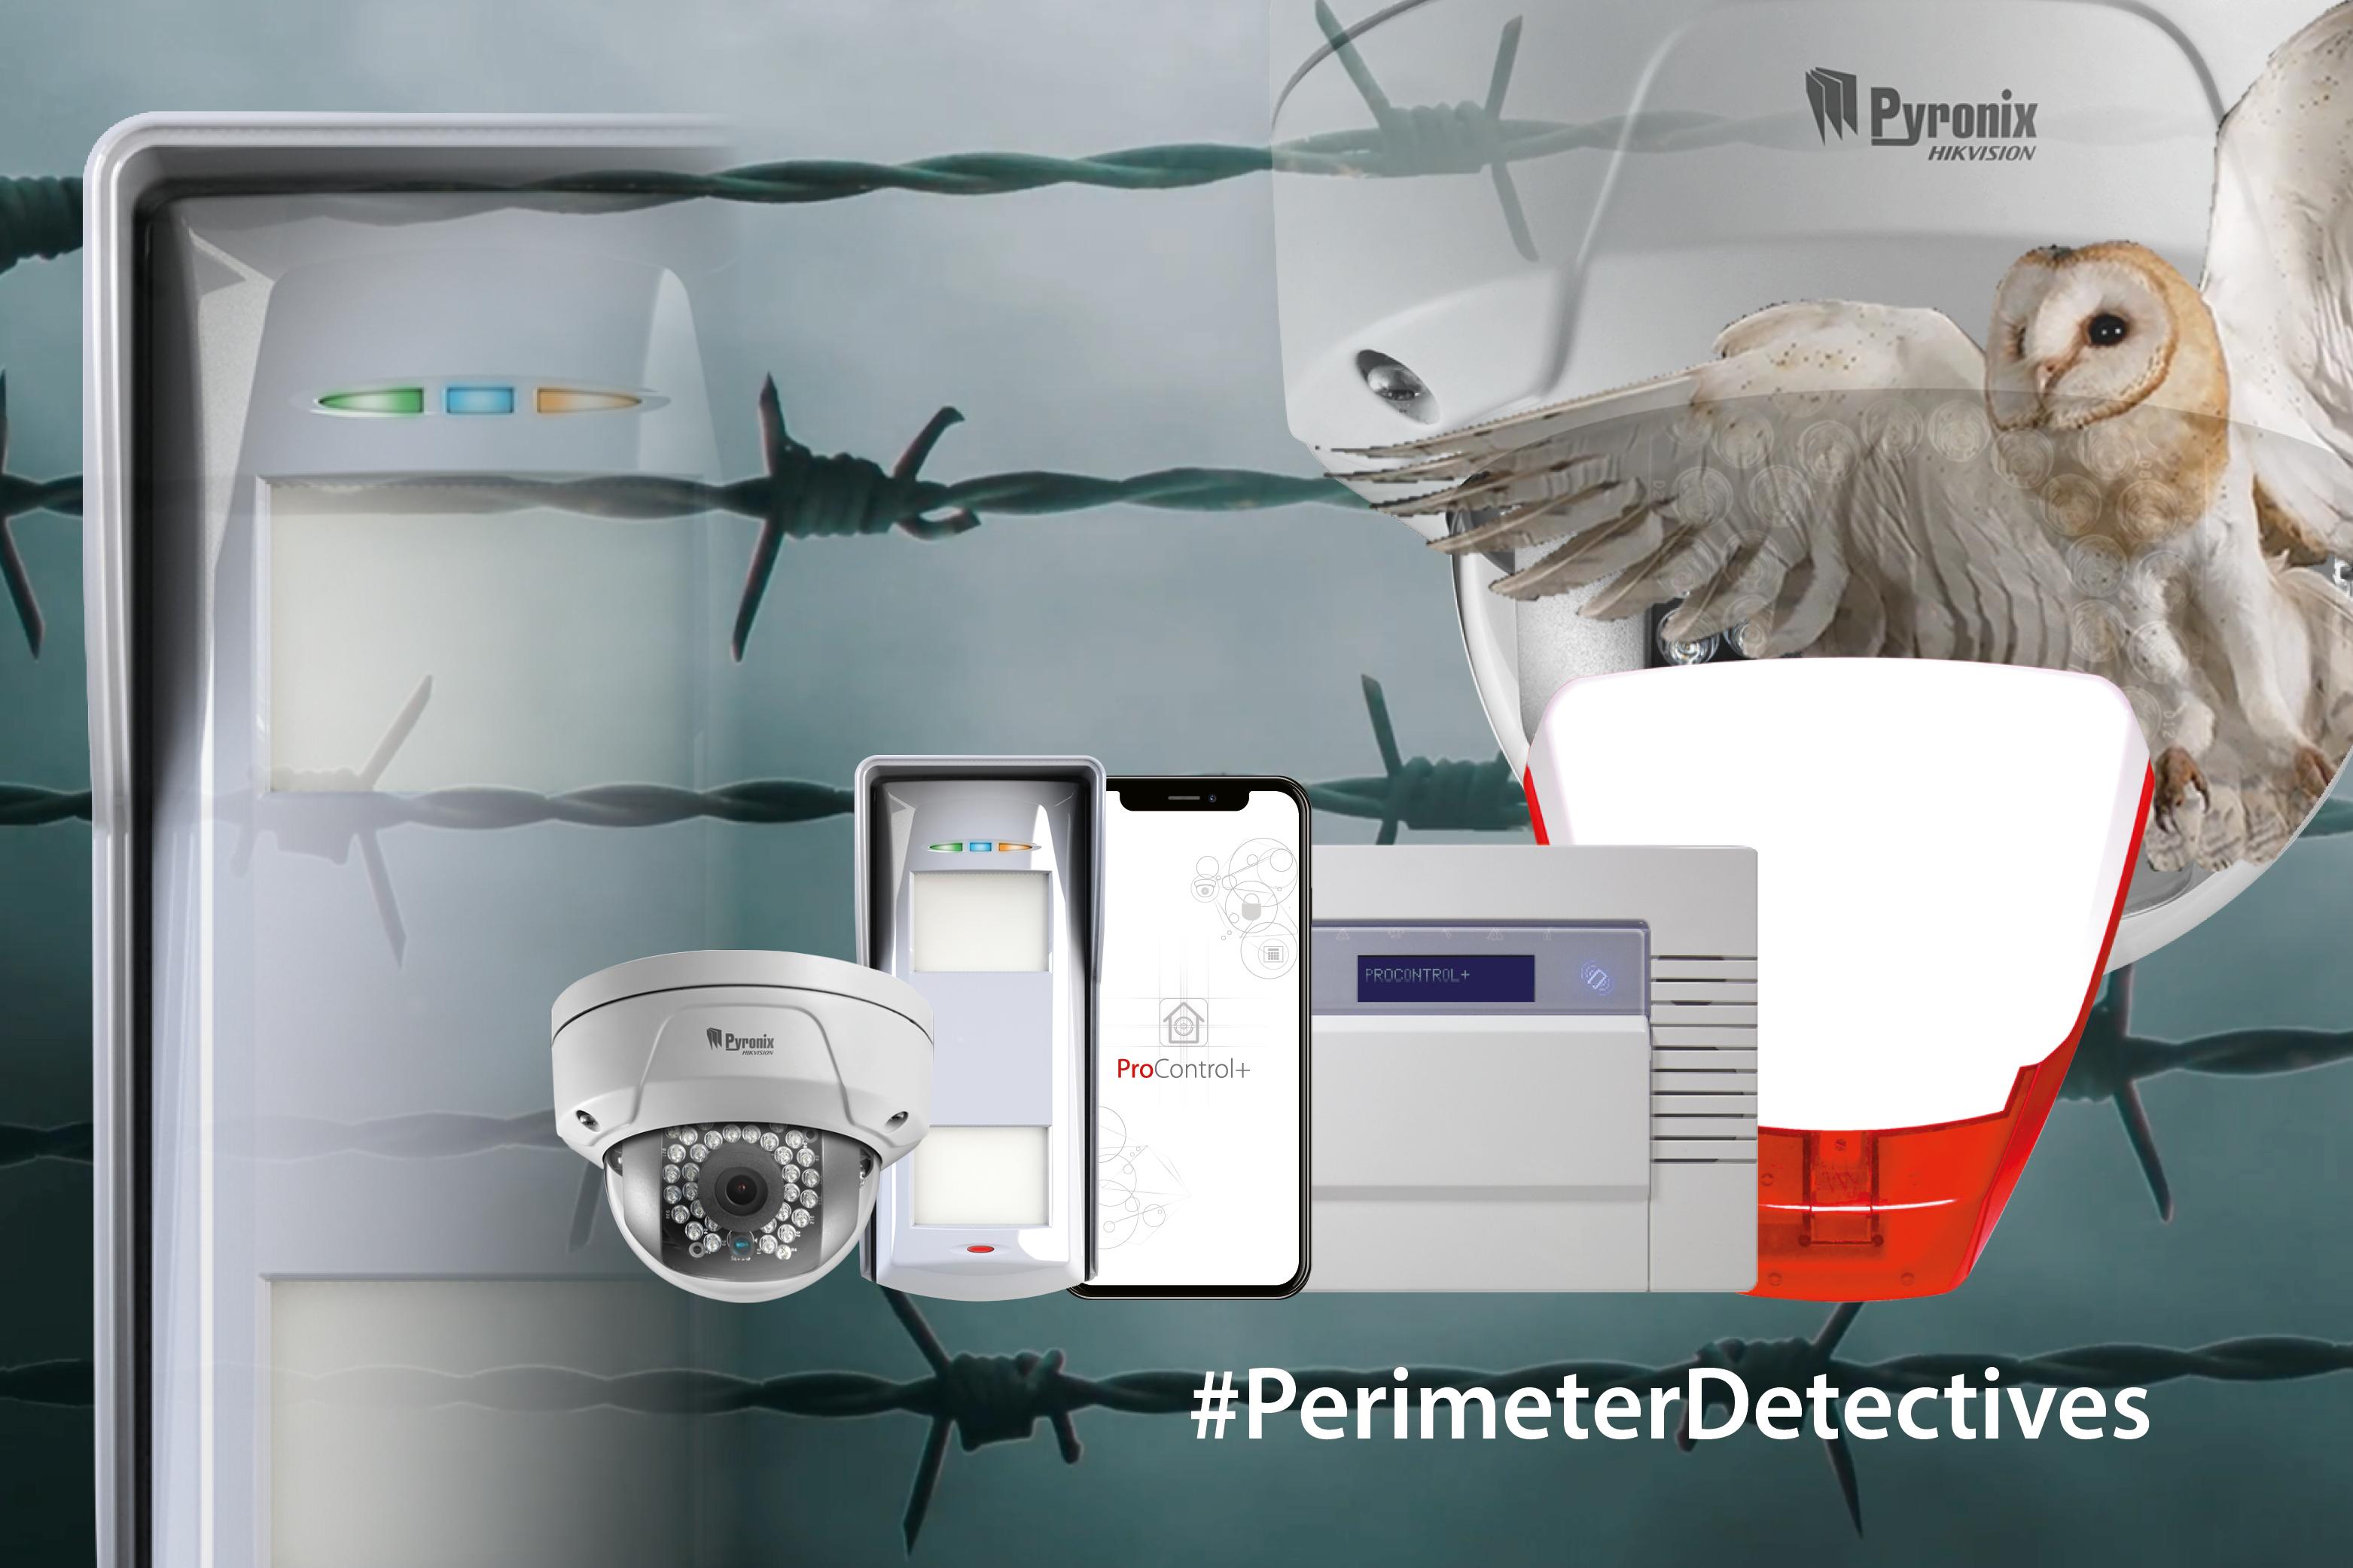 #PerimeterDetectives